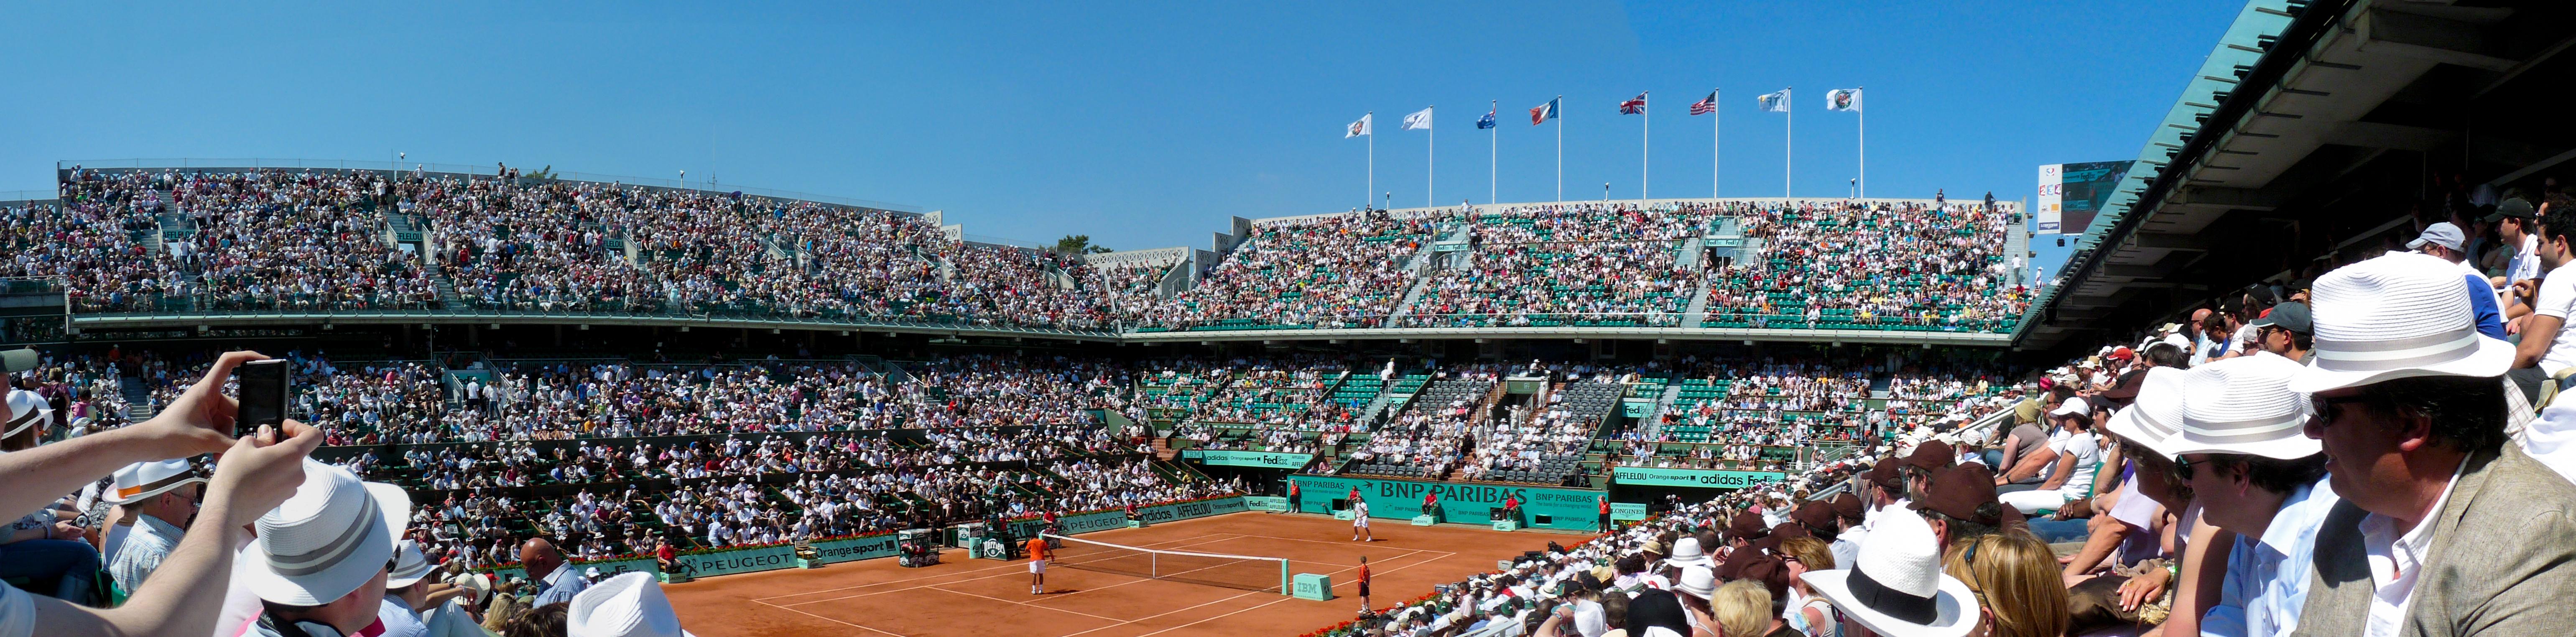 Court Philippe Chatrier - 1er tour de Roland Garros 2010 - tennis french open